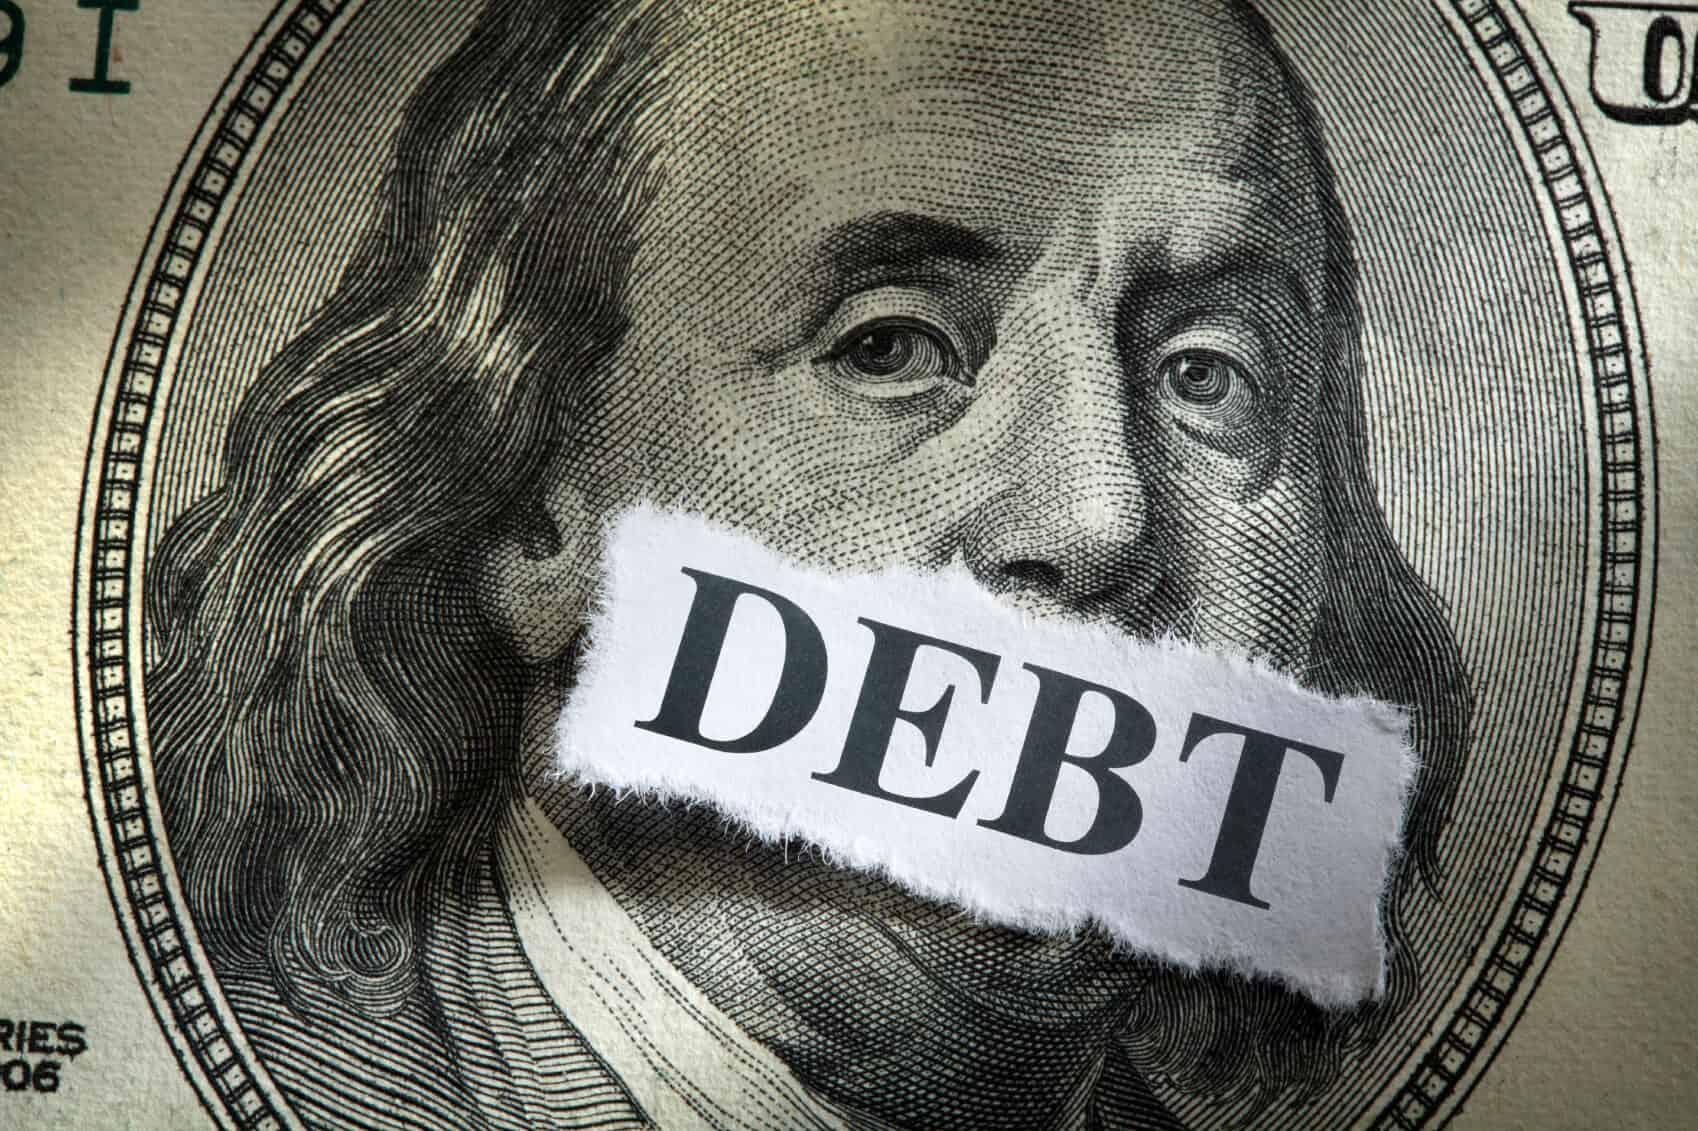 Money can't speak on debt